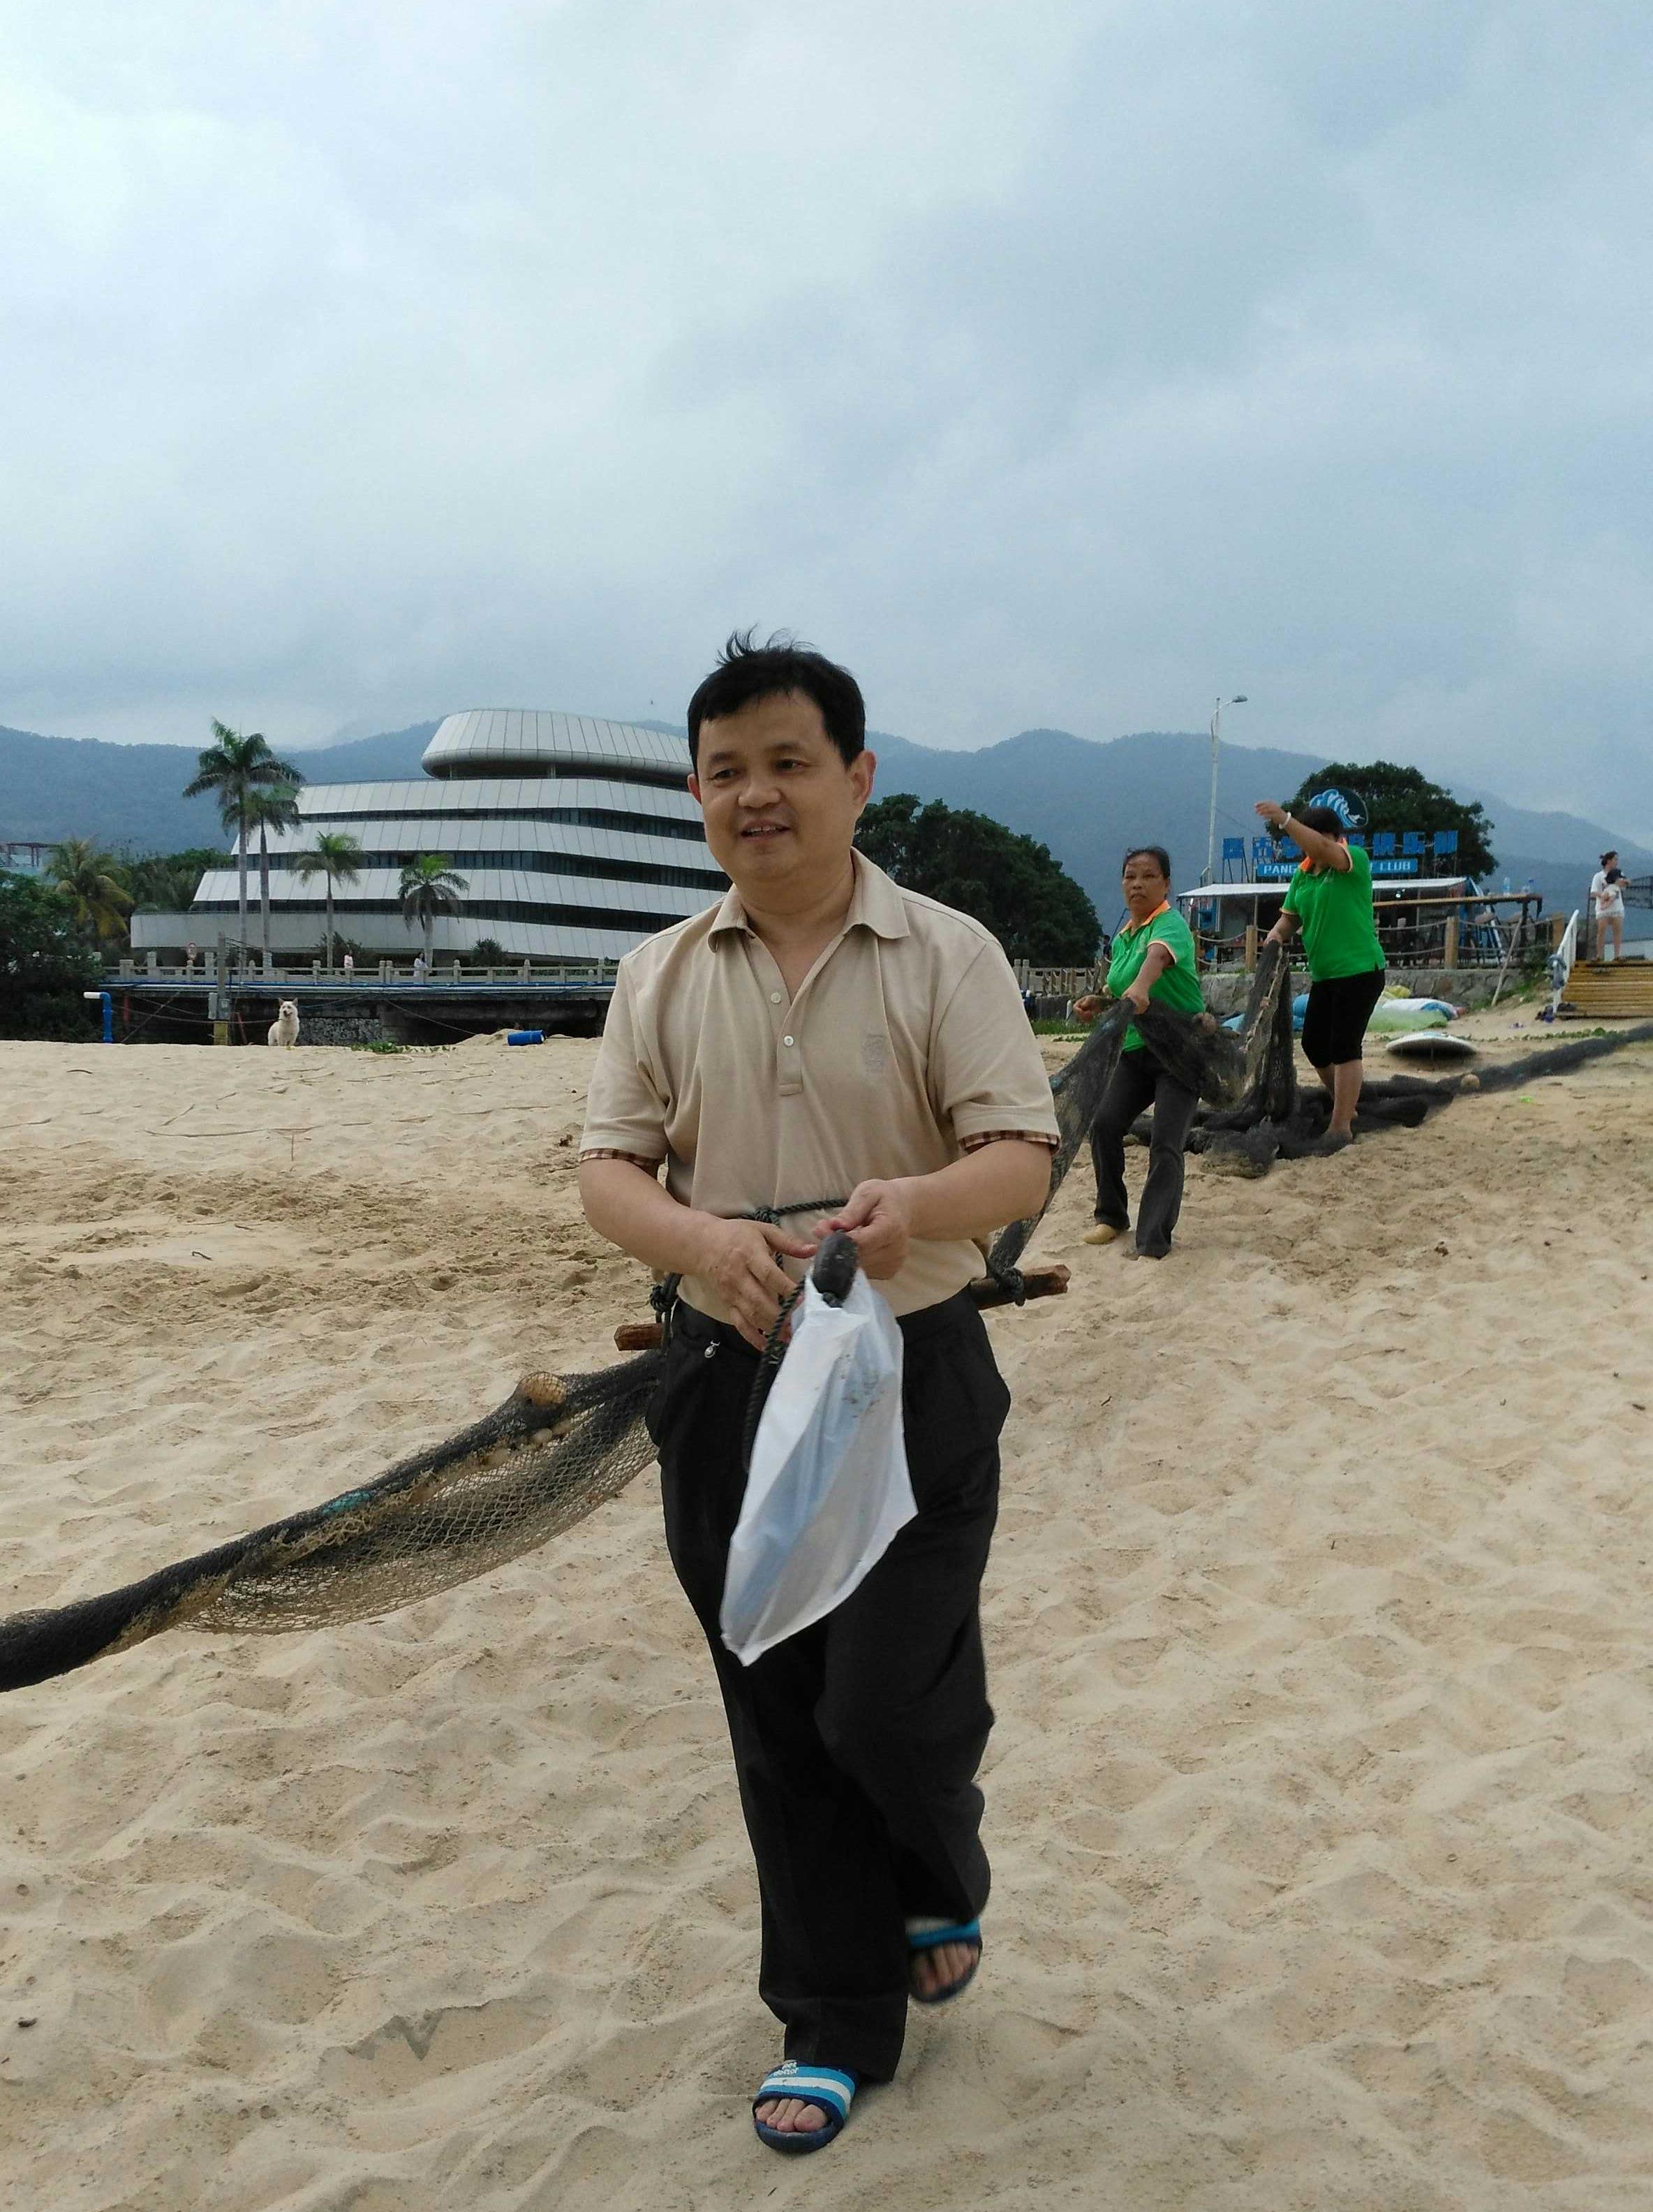 马启代在日月湾沙滩准备拉海.jpg